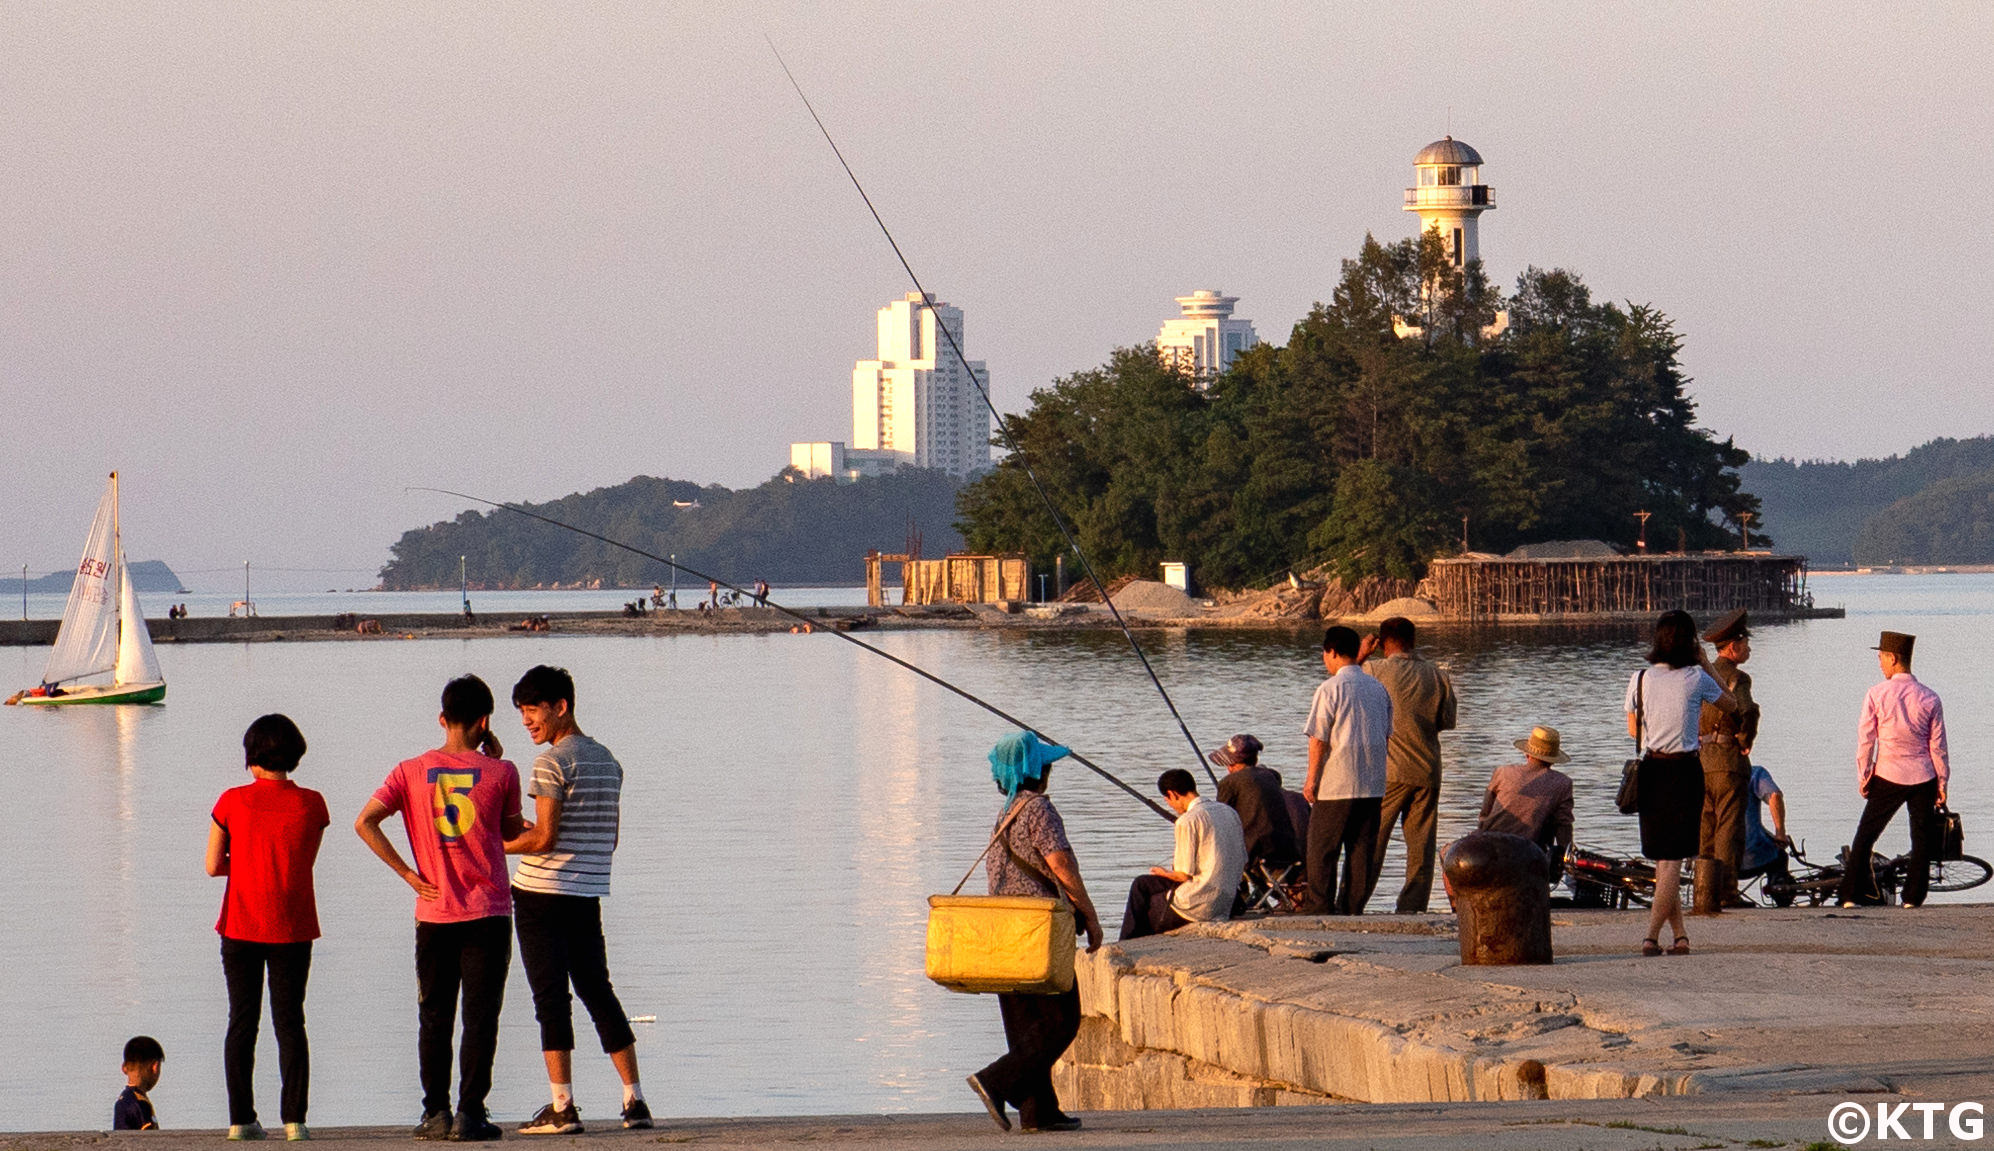 Paseo por el puerto en Wonsan, Corea del Norte (Repúblical Popular Democrática de Corea) con KTG Tours. Puede ver la farola de la ciudad y el islote Jangdok en el fondo de la imagen